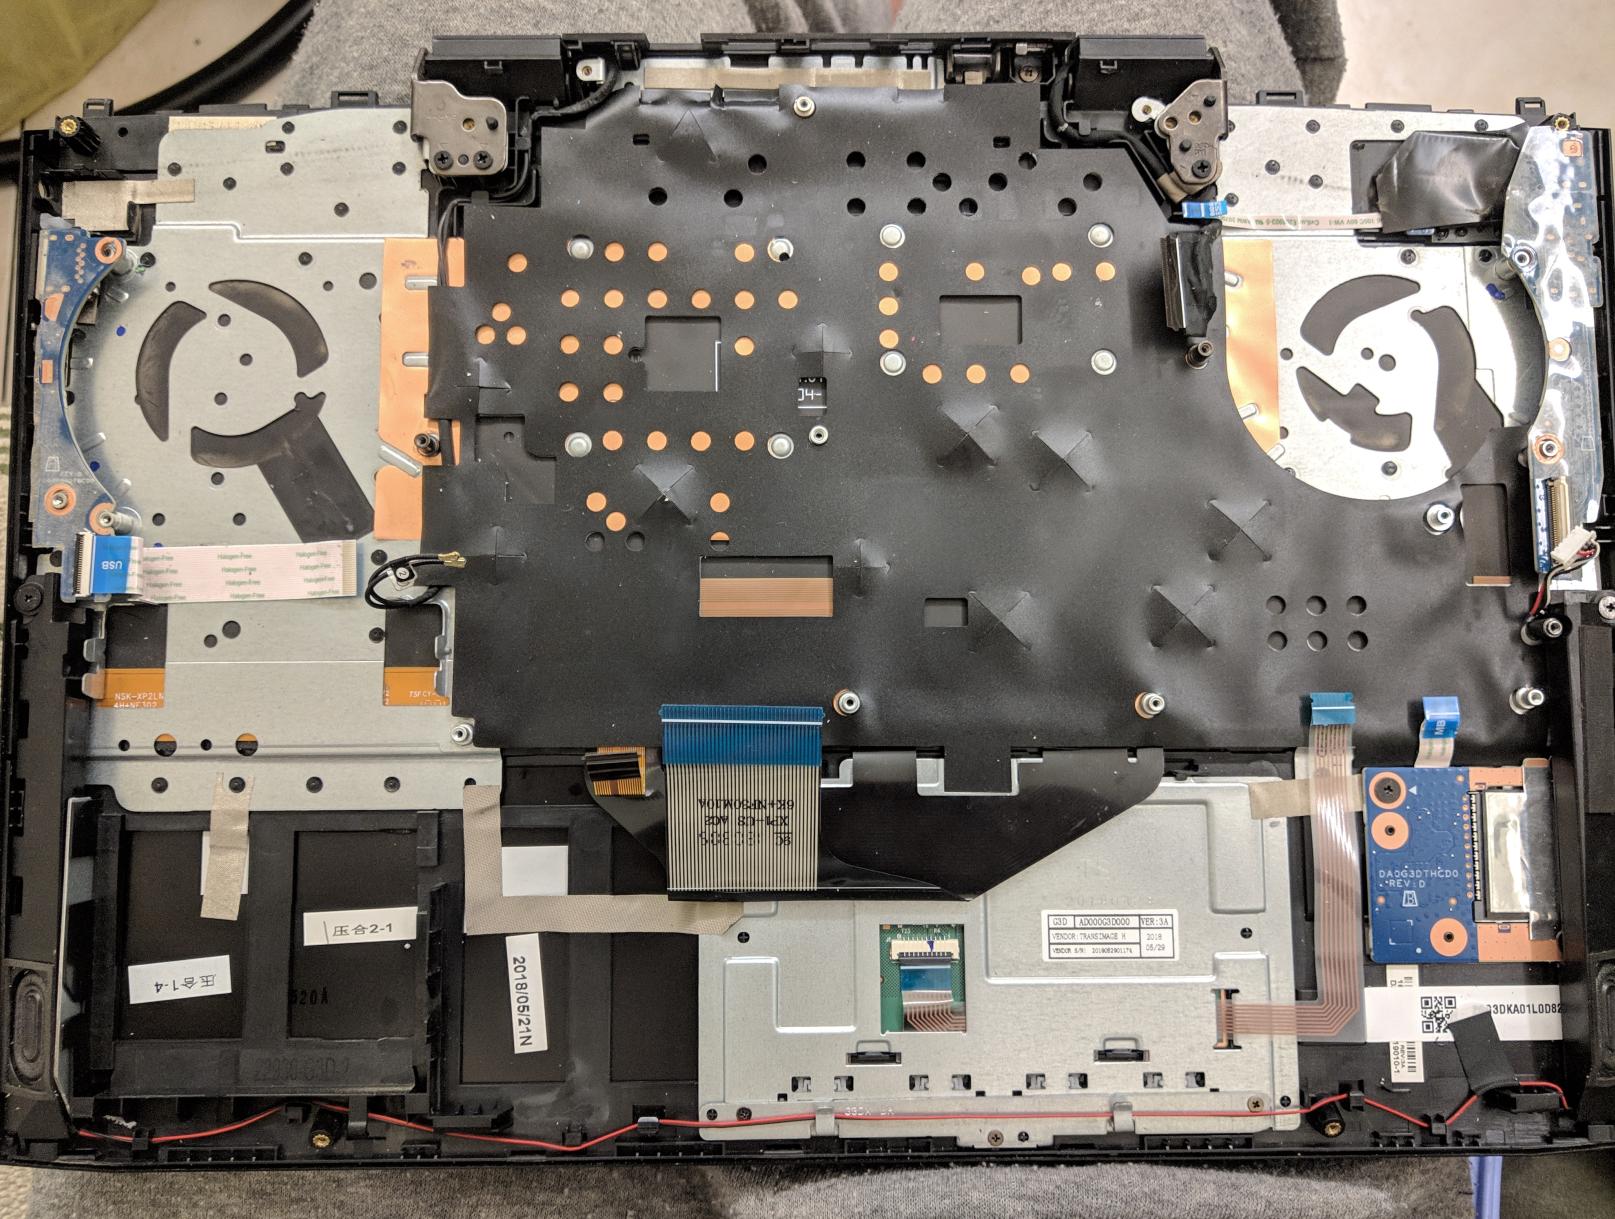 Fan control in command center in the omen laptops  - HP